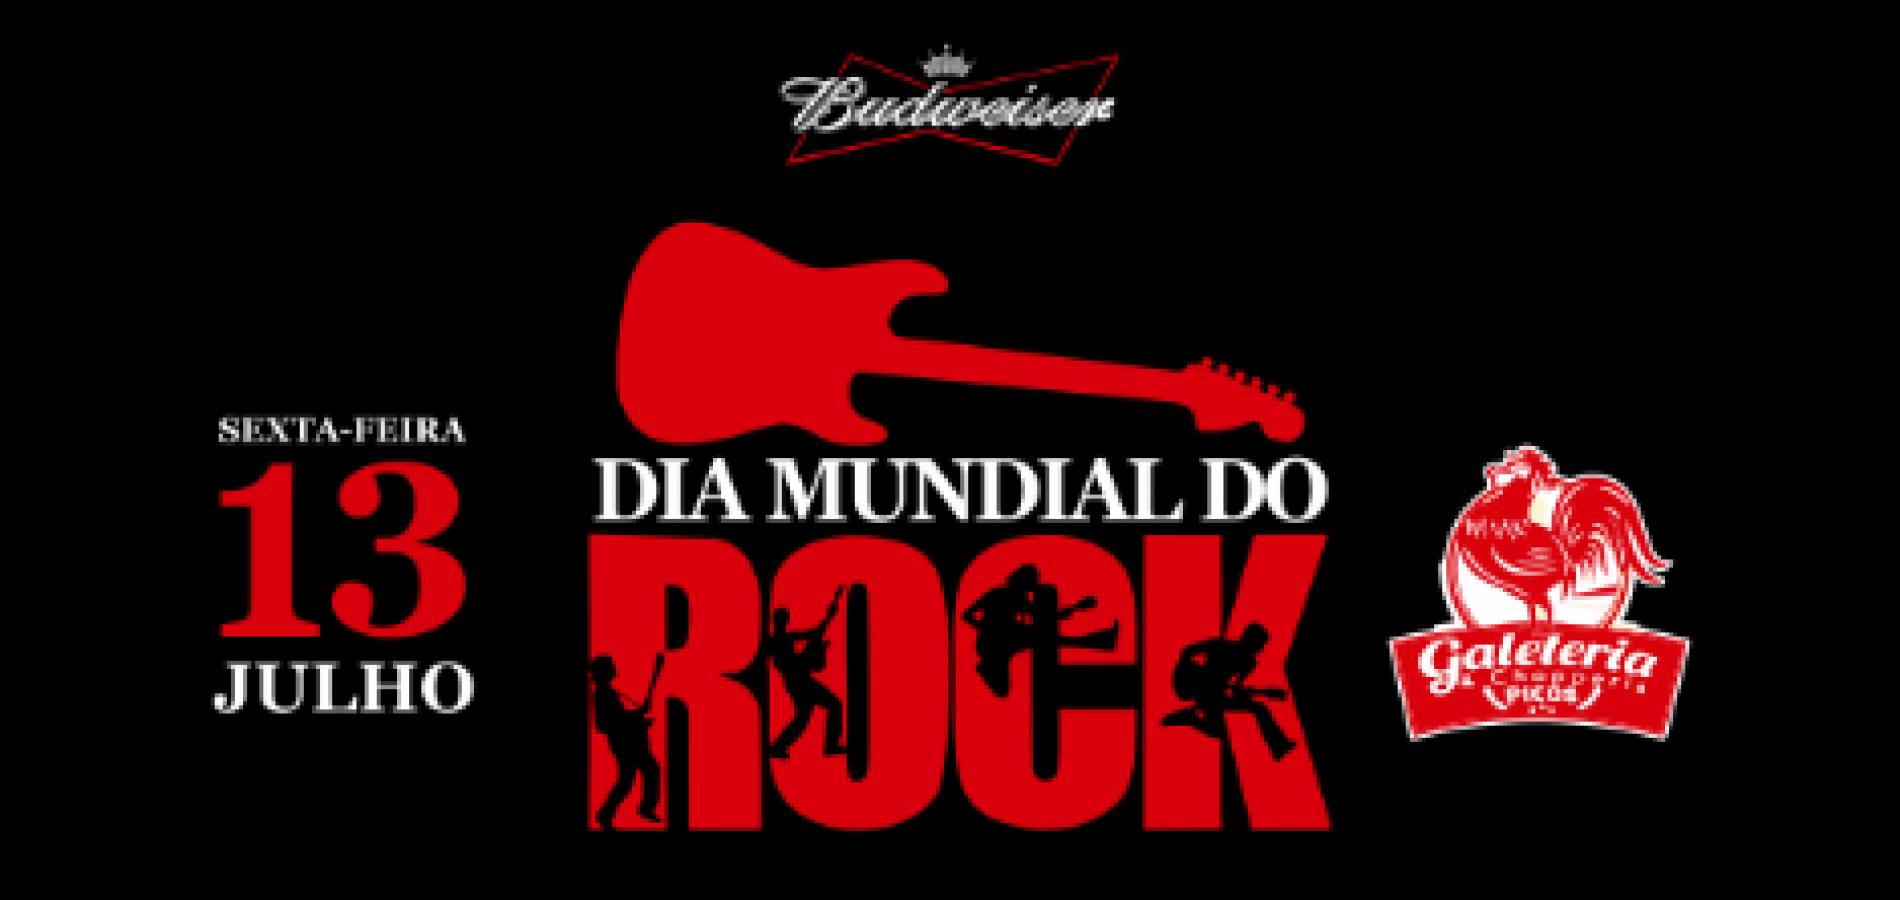 Dia Mundial do Rock será comemorado na sexta-feira (13) em Picos